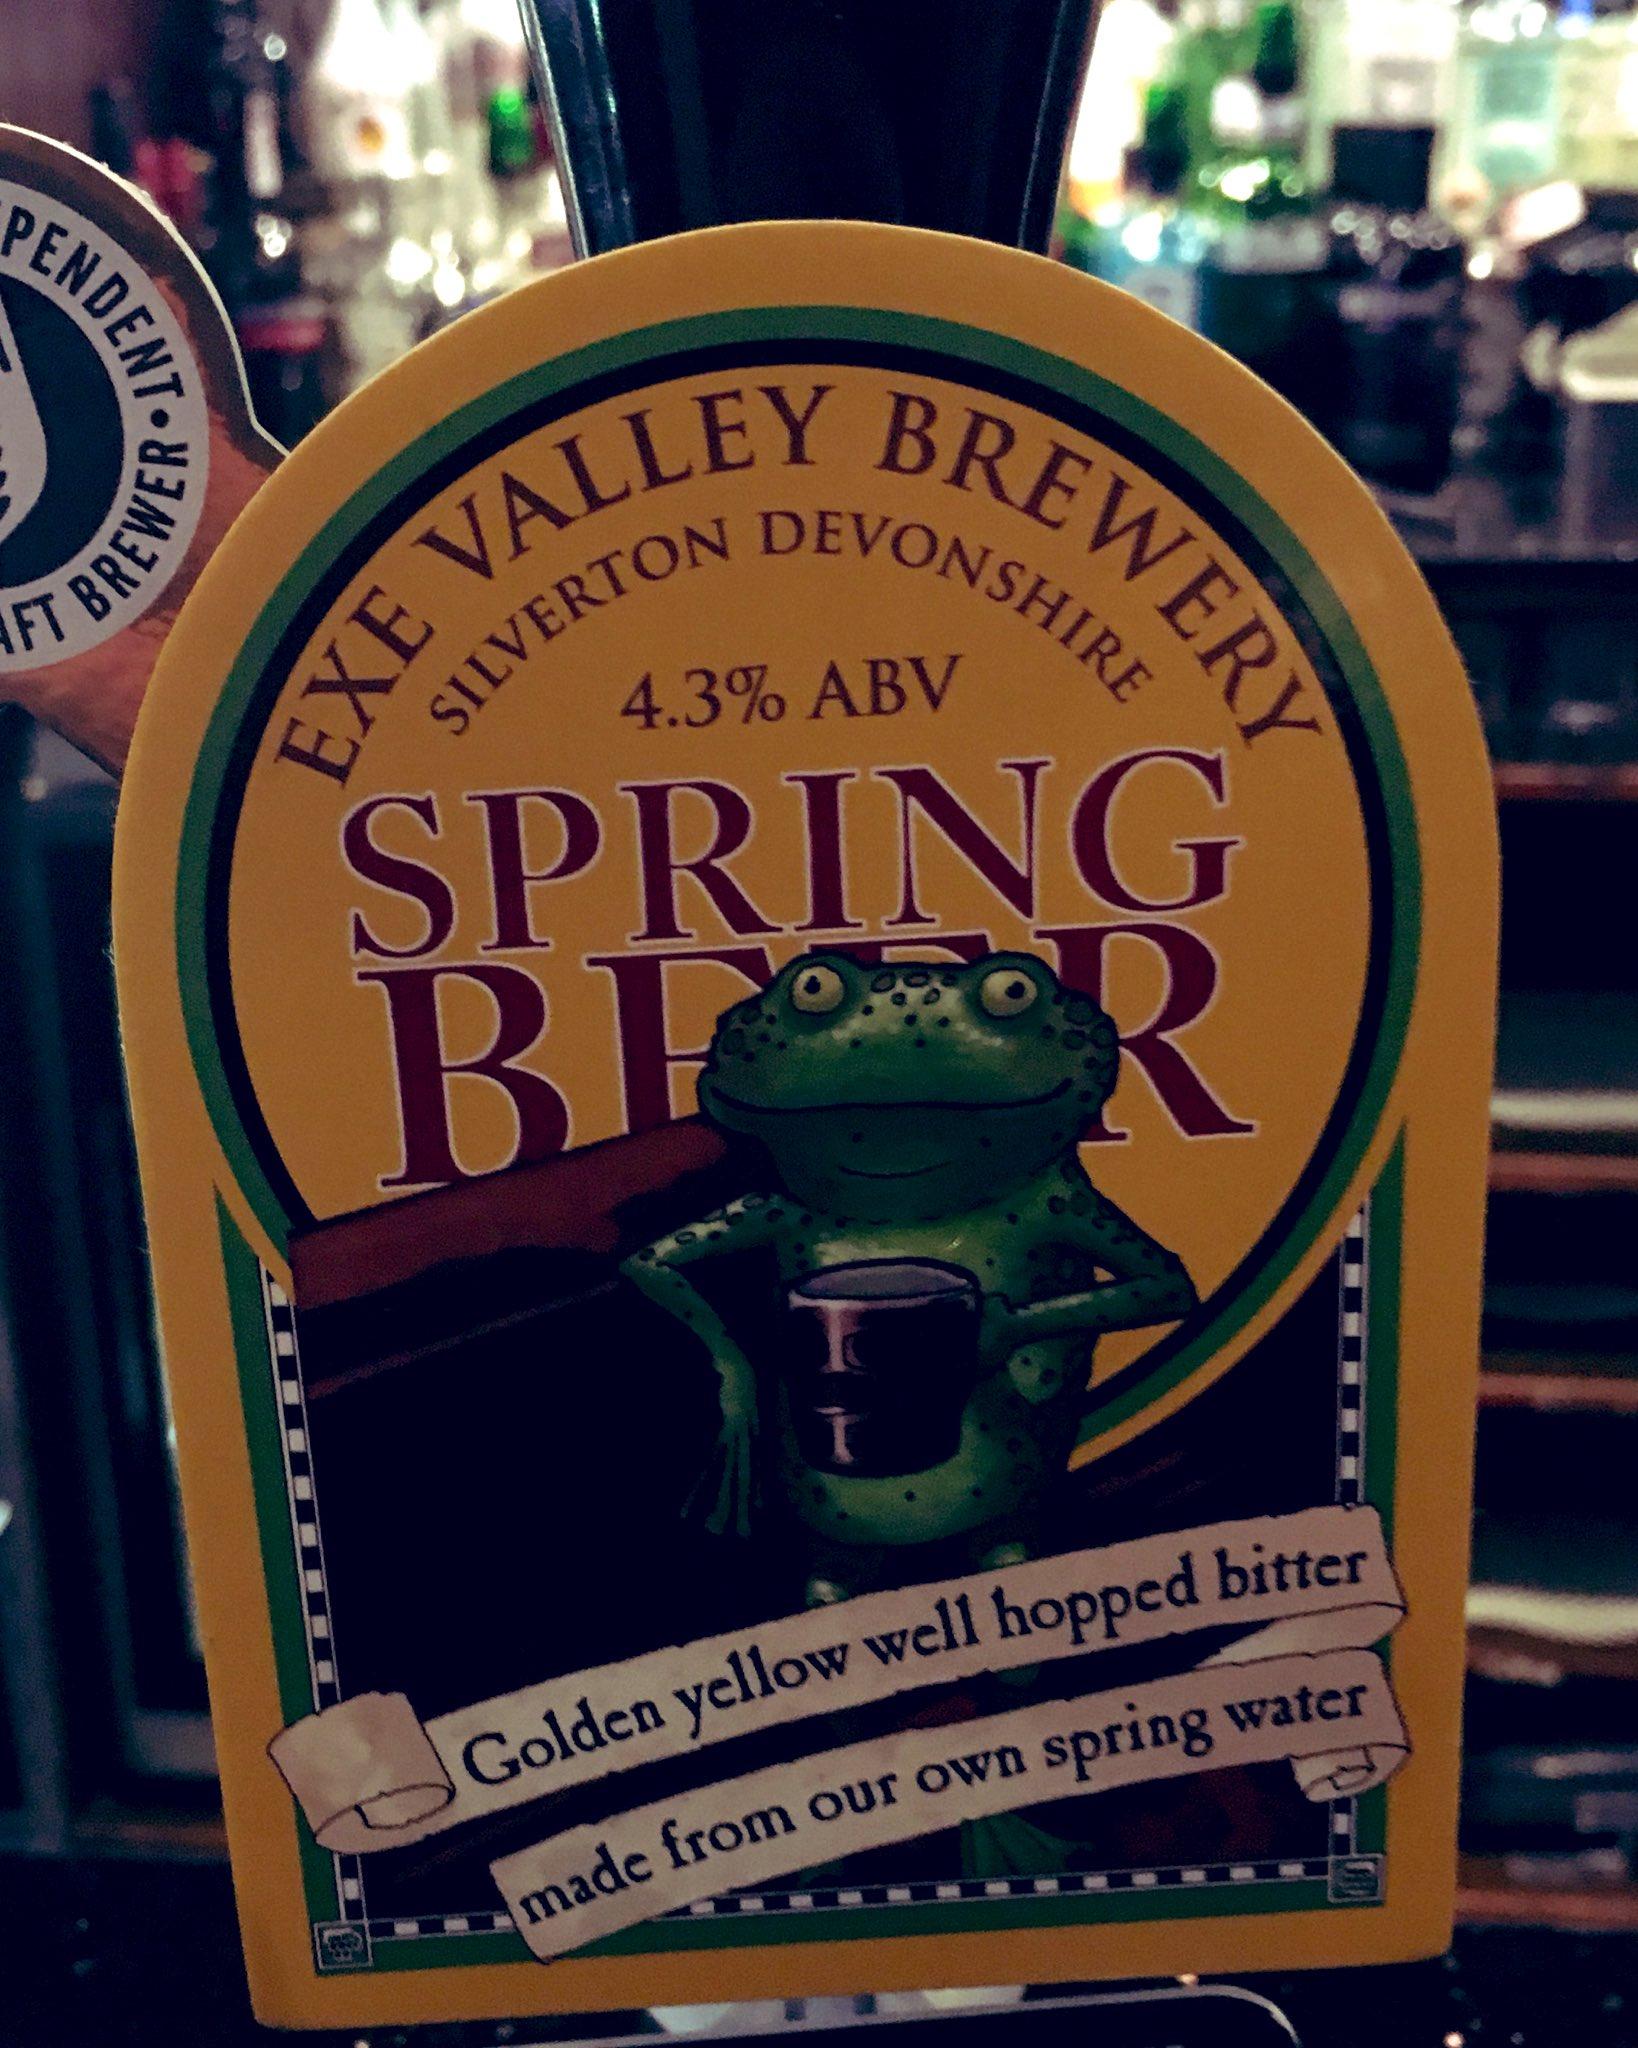 183: Spring Beer